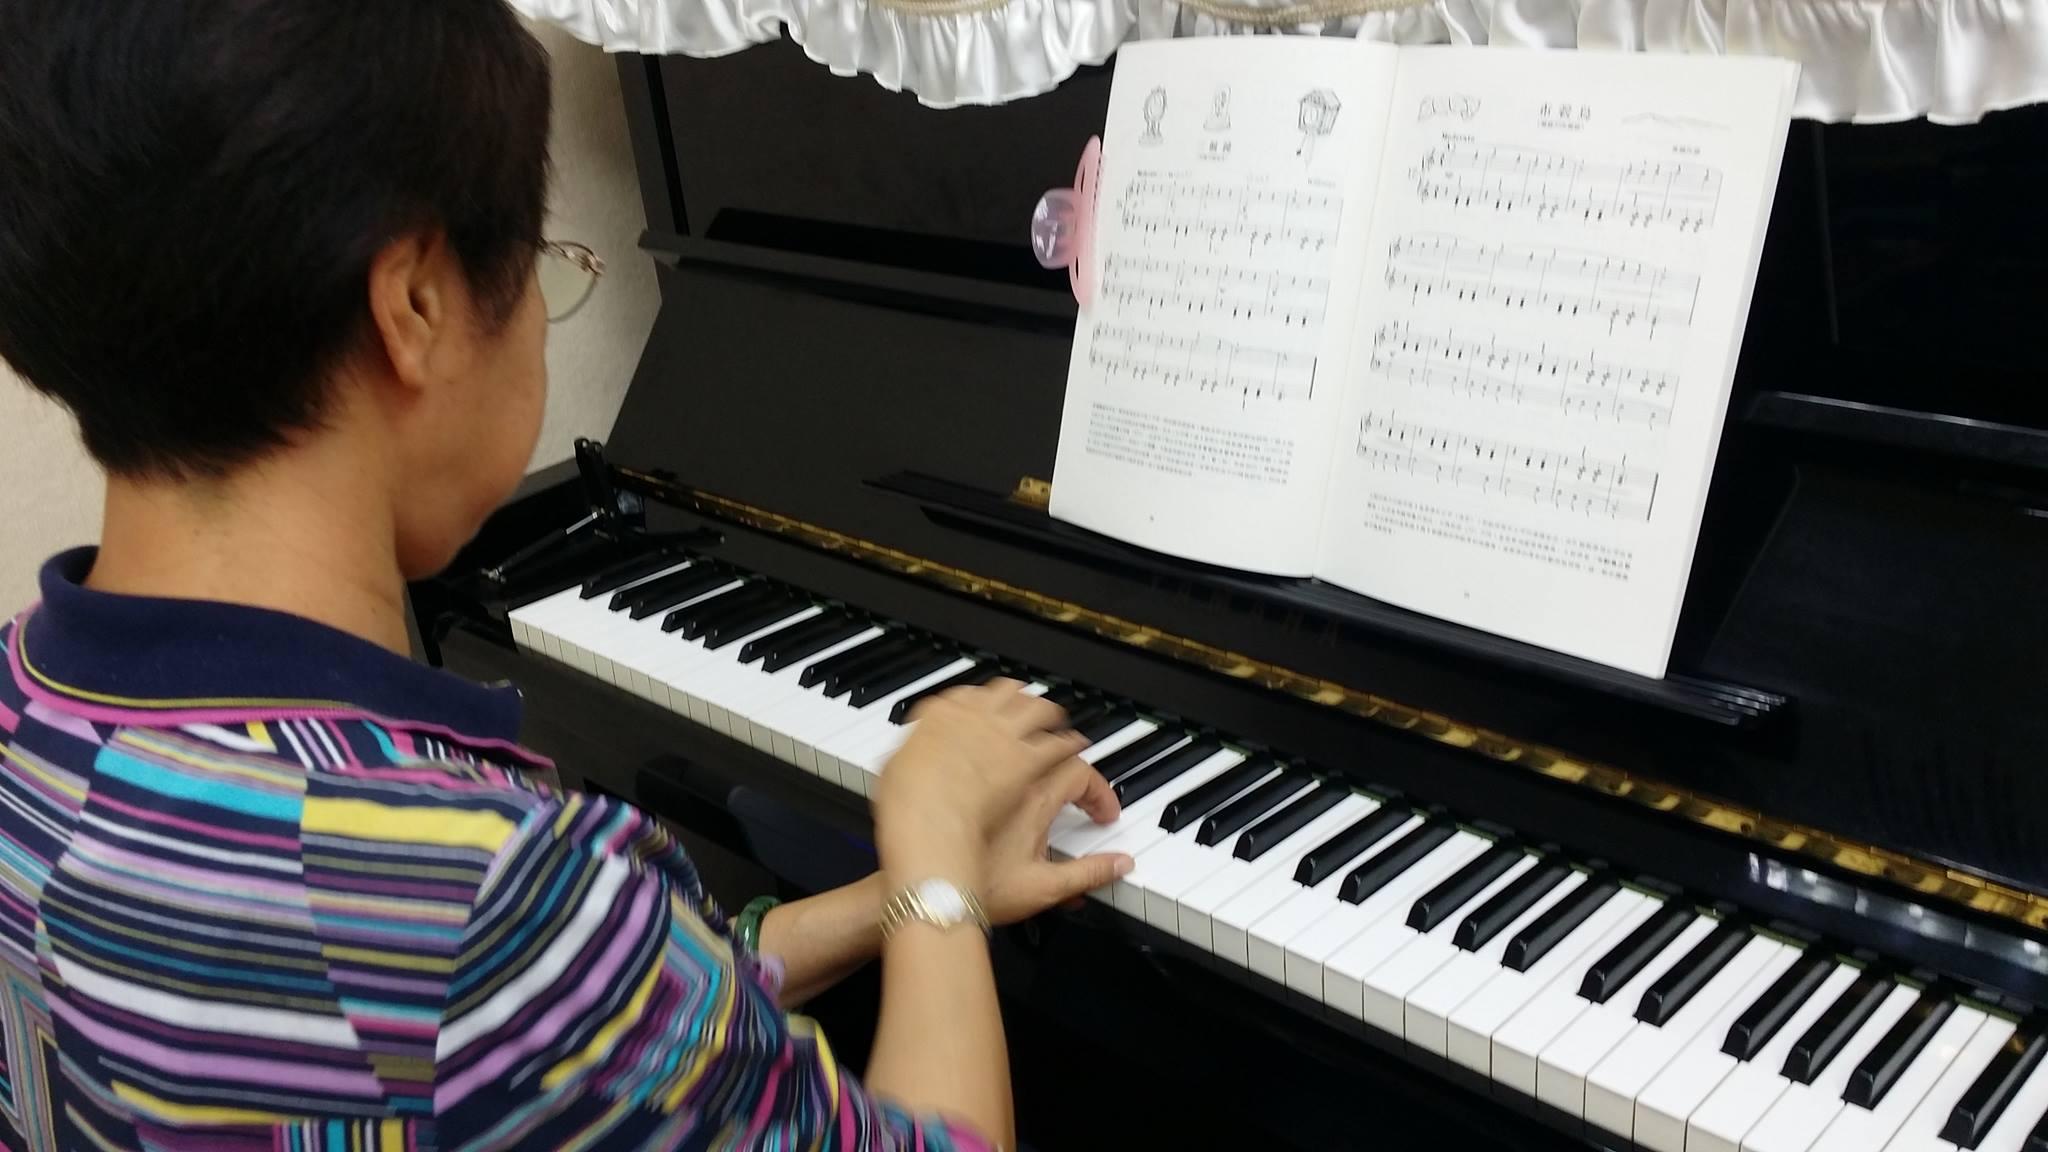 臺北流行鋼琴教學 電子琴教學 上課照片分享 – 丁丁鋼琴電子琴課程分享 Piano Music Taiwan